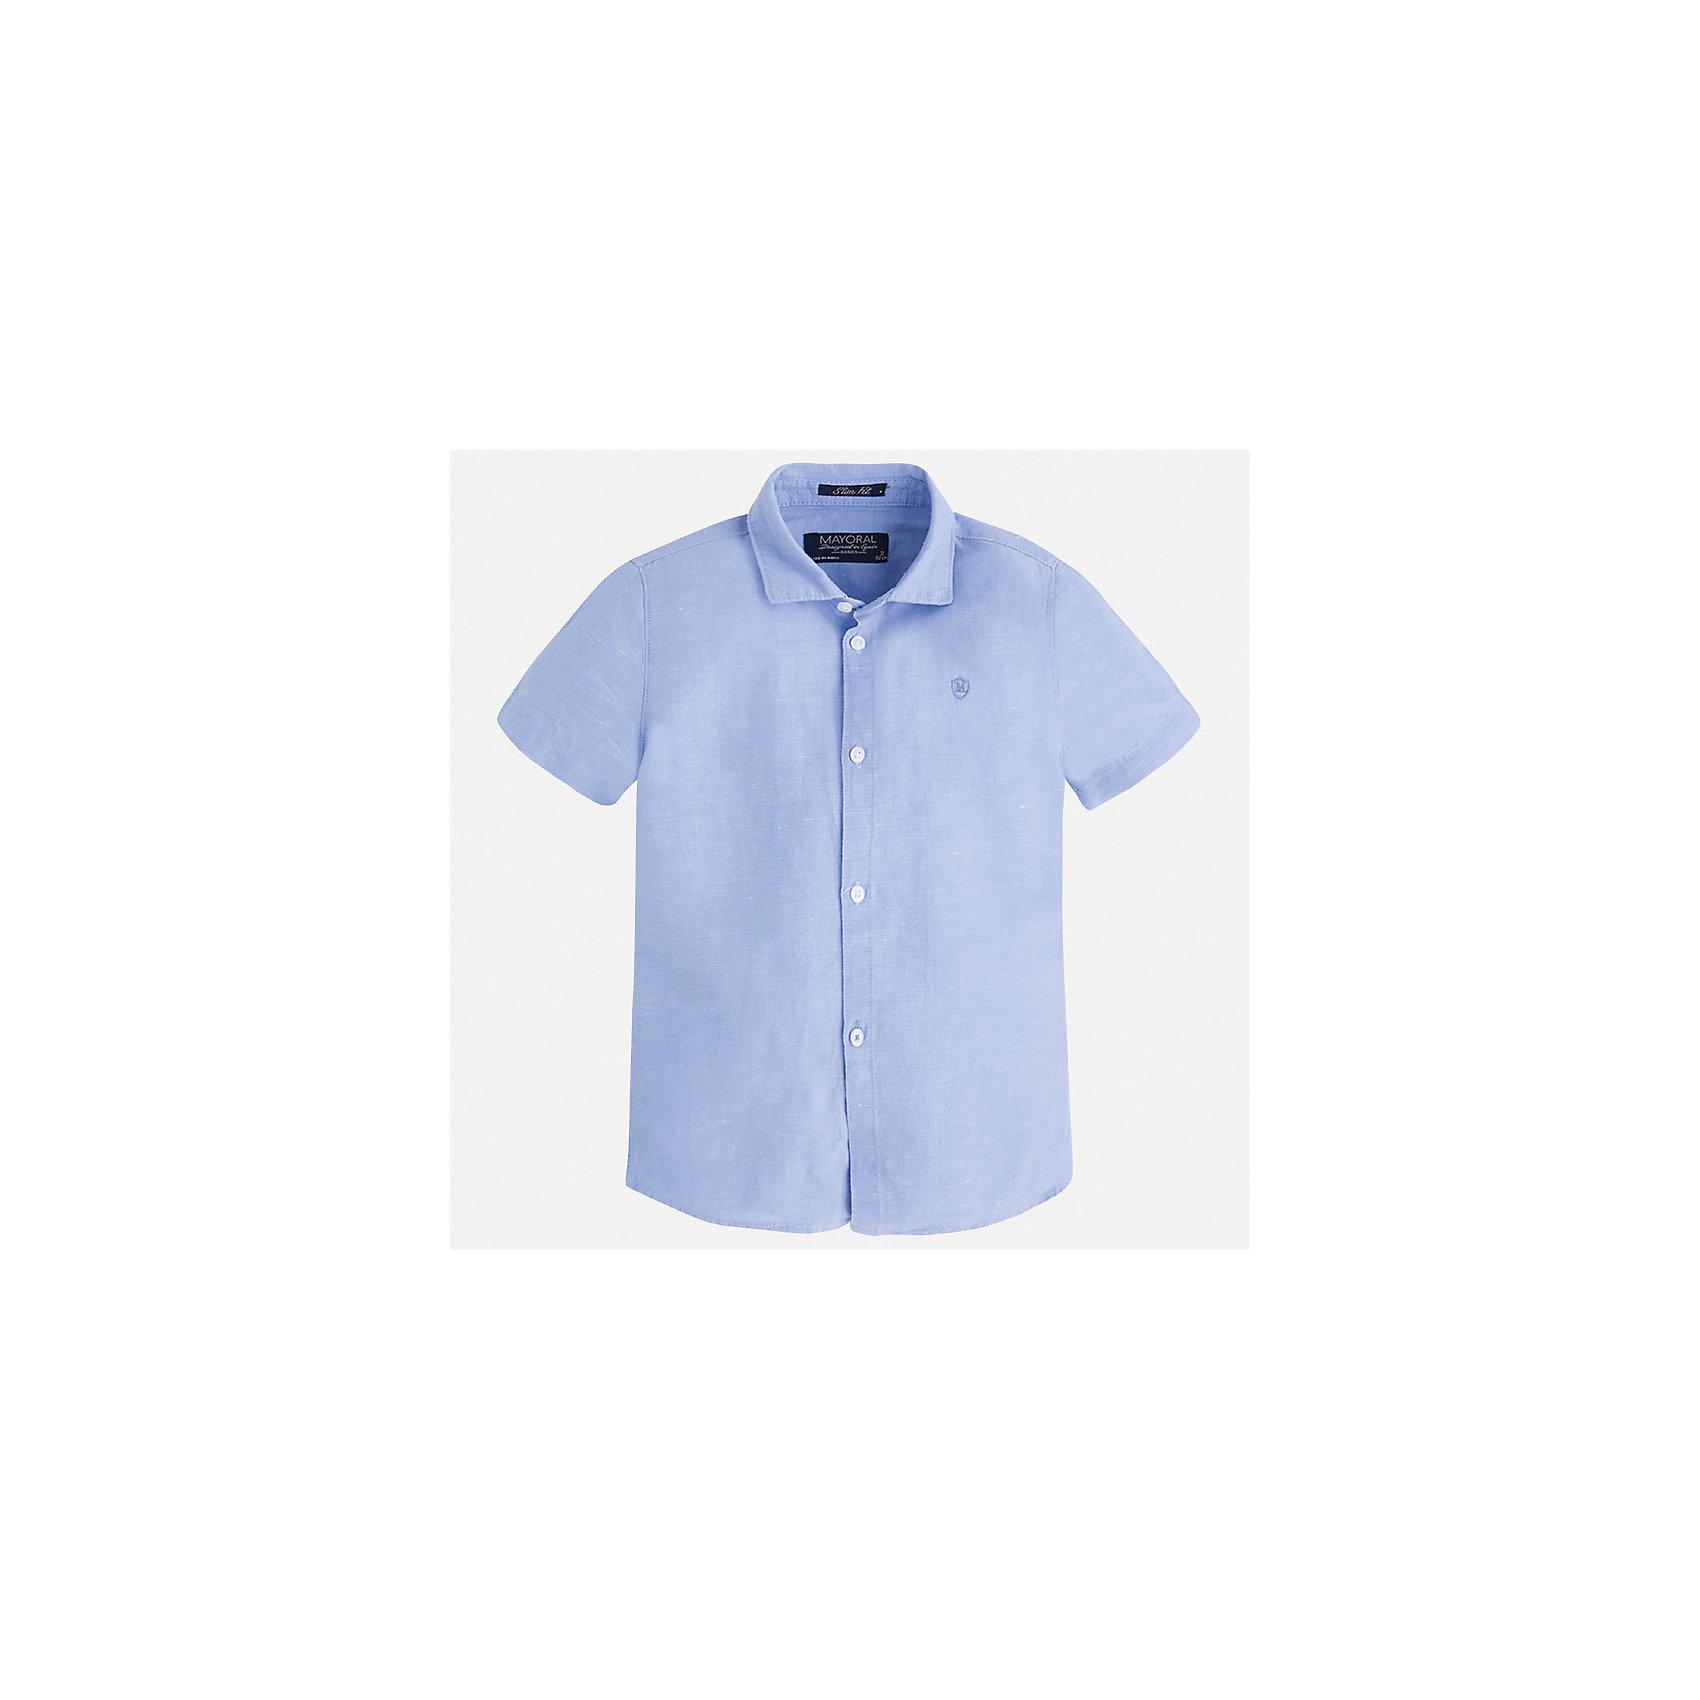 Рубашка для мальчика MayoralБлузки и рубашки<br>Характеристики товара:<br><br>• цвет: голубой<br>• состав: 70% хлопок, 30% лен<br>• отложной воротник<br>• короткие рукава<br>• застежка: пуговицы<br>• вышивка на груди<br>• страна бренда: Испания<br><br>Удобная и модная рубашка для мальчика может стать базовой вещью в гардеробе ребенка. Она отлично сочетается с брюками, шортами, джинсами и т.д. Универсальный крой и цвет позволяет подобрать к вещи низ разных расцветок. Практичное и стильное изделие! В составе материала - натуральный хлопок, гипоаллергенный, приятный на ощупь, дышащий.<br><br>Одежда, обувь и аксессуары от испанского бренда Mayoral полюбились детям и взрослым по всему миру. Модели этой марки - стильные и удобные. Для их производства используются только безопасные, качественные материалы и фурнитура. Порадуйте ребенка модными и красивыми вещами от Mayoral! <br><br>Рубашку для мальчика от испанского бренда Mayoral (Майорал) можно купить в нашем интернет-магазине.<br><br>Ширина мм: 174<br>Глубина мм: 10<br>Высота мм: 169<br>Вес г: 157<br>Цвет: белый<br>Возраст от месяцев: 18<br>Возраст до месяцев: 24<br>Пол: Мужской<br>Возраст: Детский<br>Размер: 92,104,134,128,122,116,110,98<br>SKU: 5277677